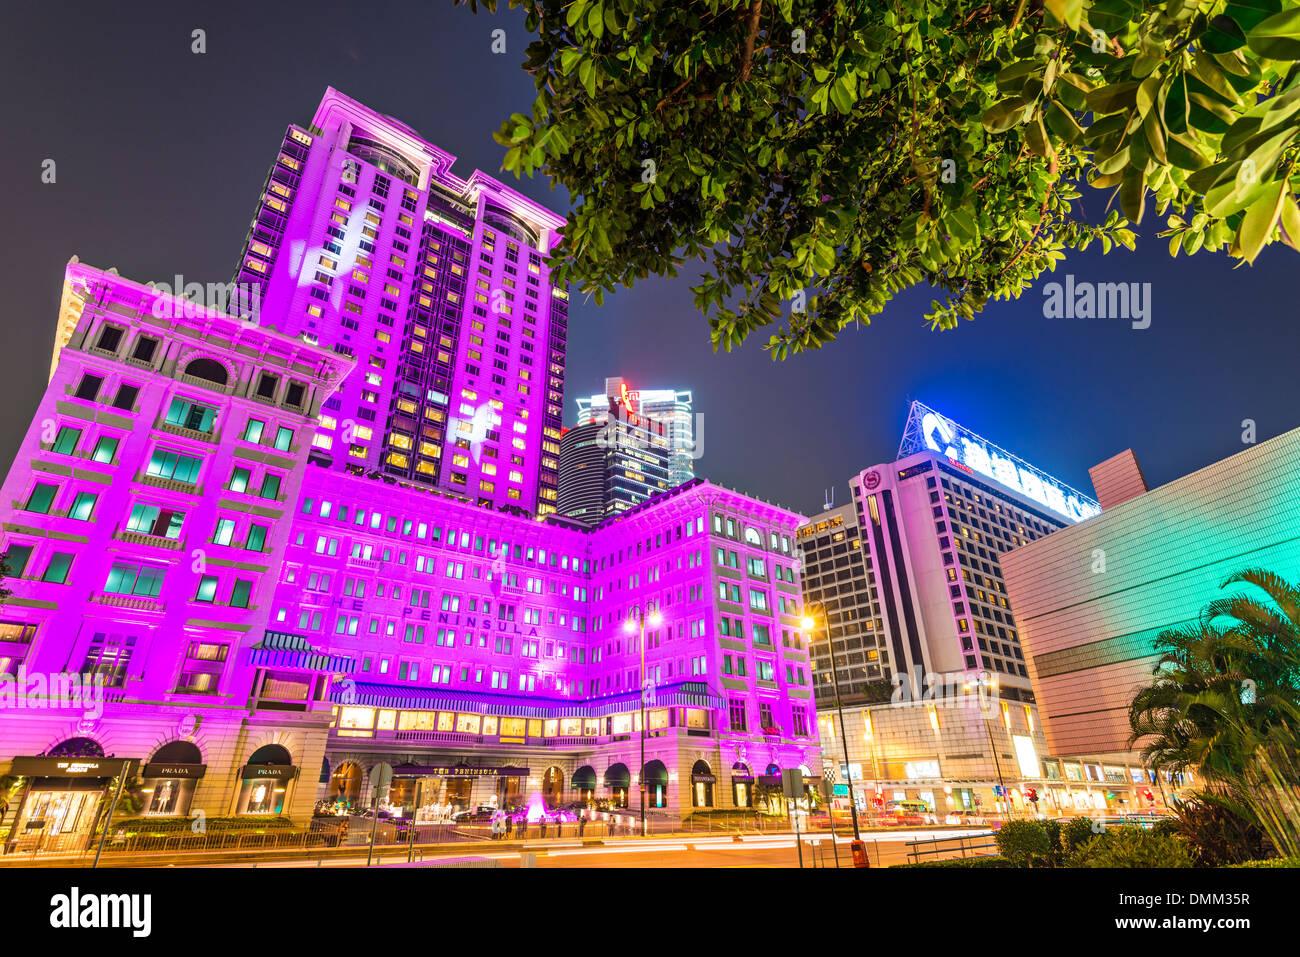 Il Peninsula Hotel di Hong Kong, Cina. Immagini Stock